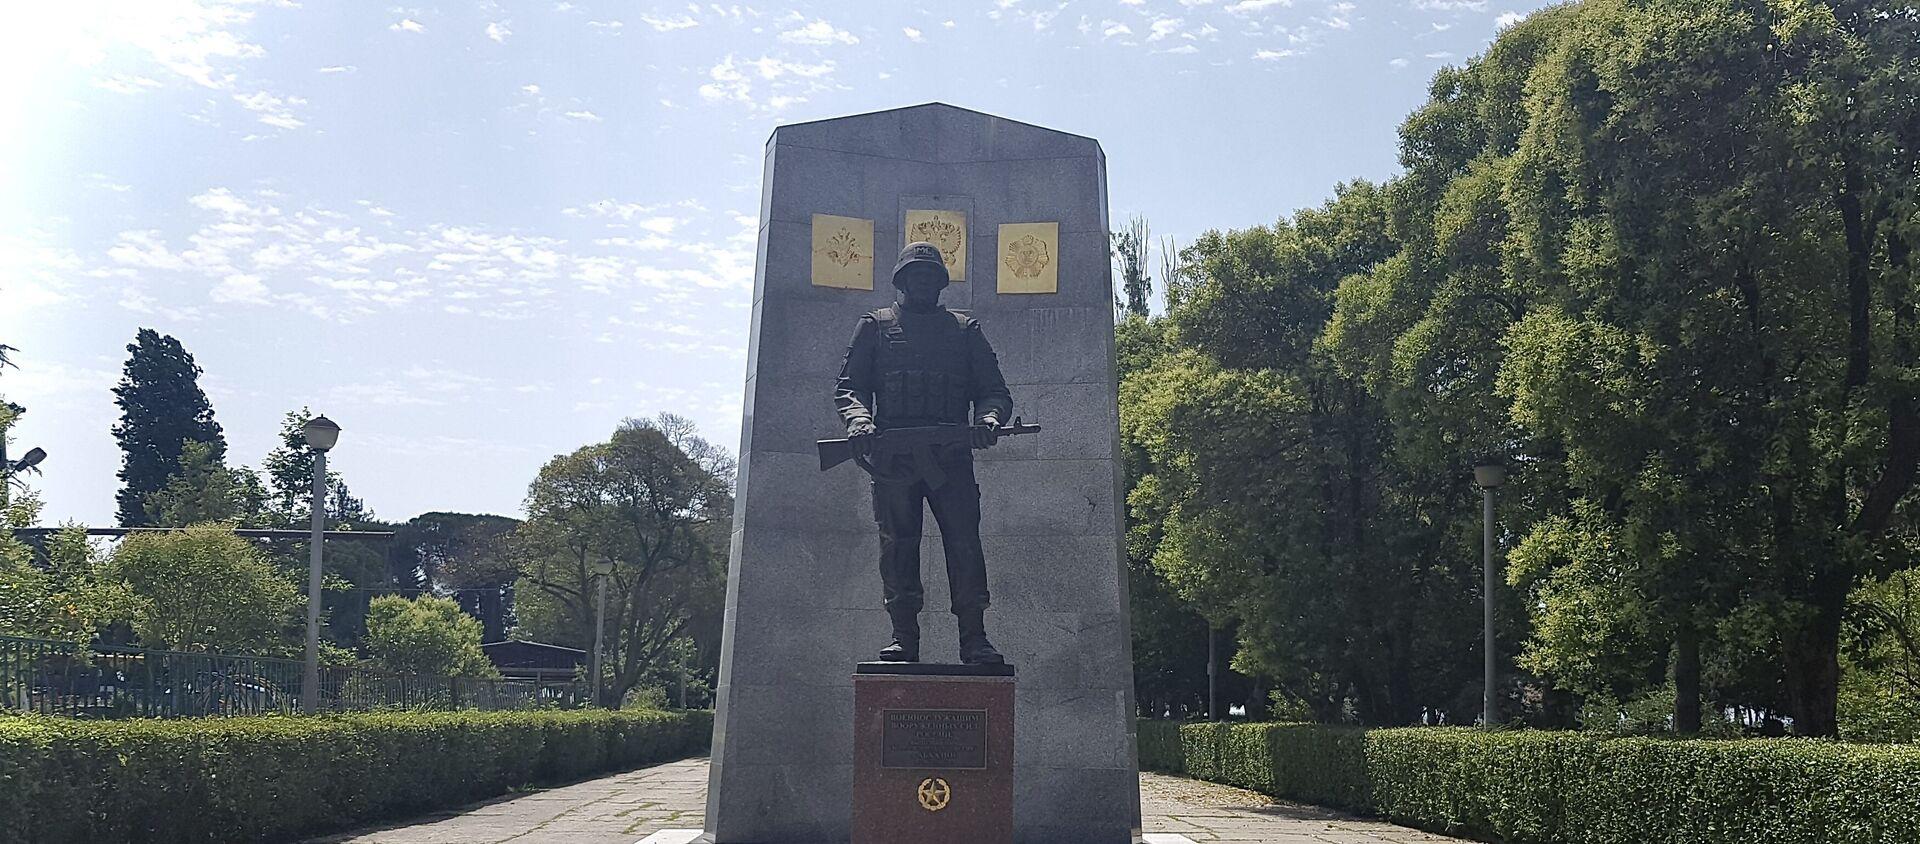 Военнослужащие ЮВО отметили 27-ю годовщину начала миротворческой операции в Абхазии - Sputnik Абхазия, 1920, 21.06.2021